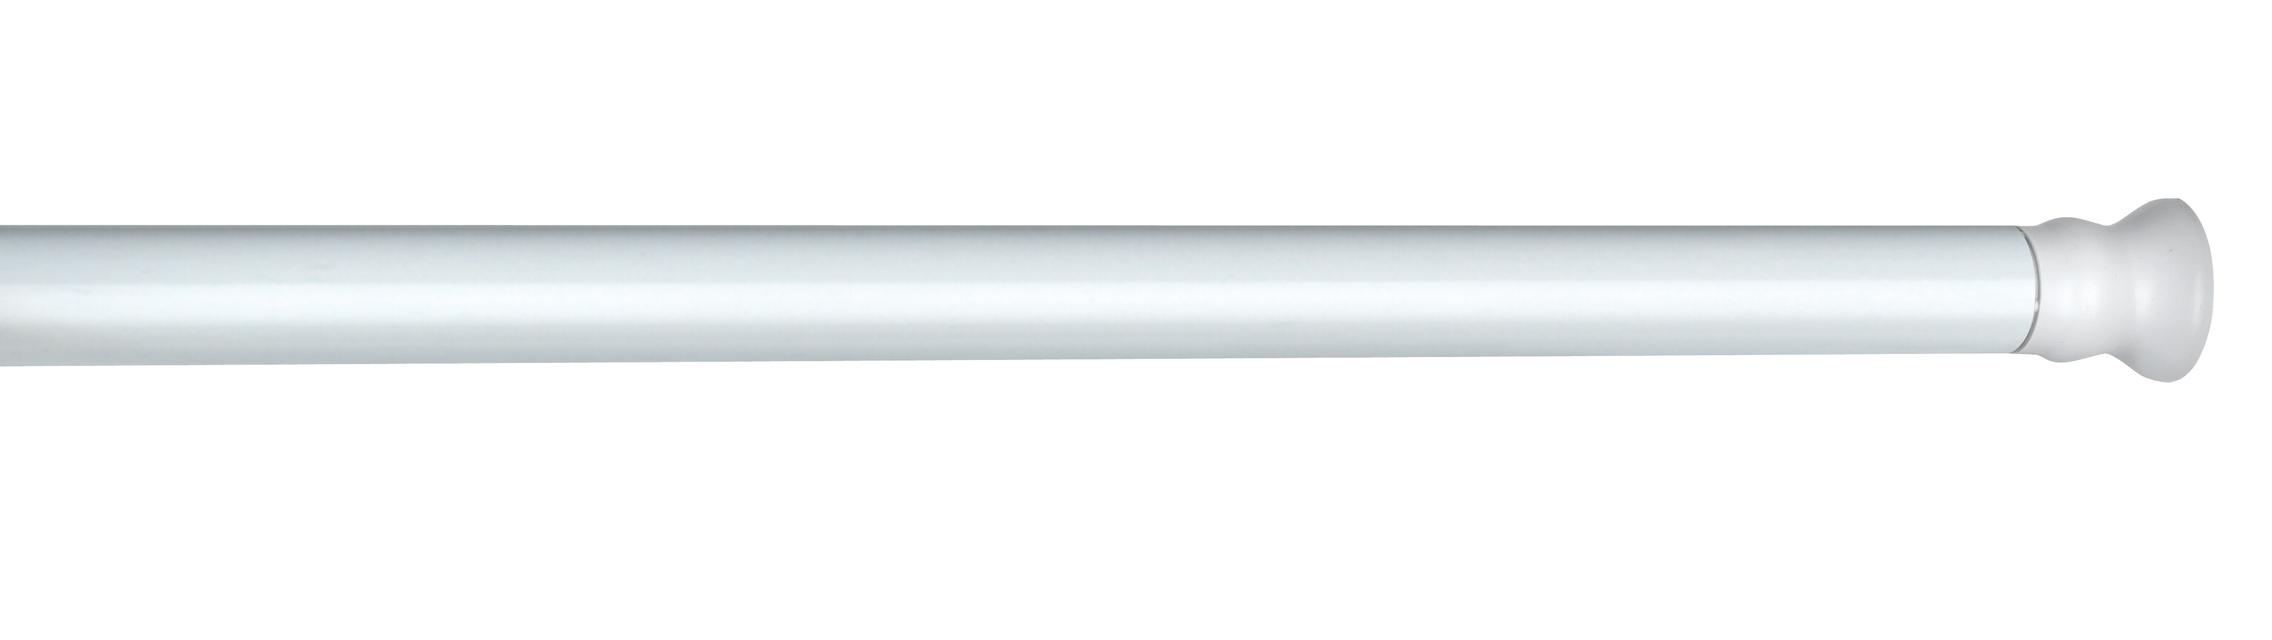 Suport telescopic pentru perdea dus, din aluminiu, Angle Alb, Ø2,8 cm, L110-245 cm imagine